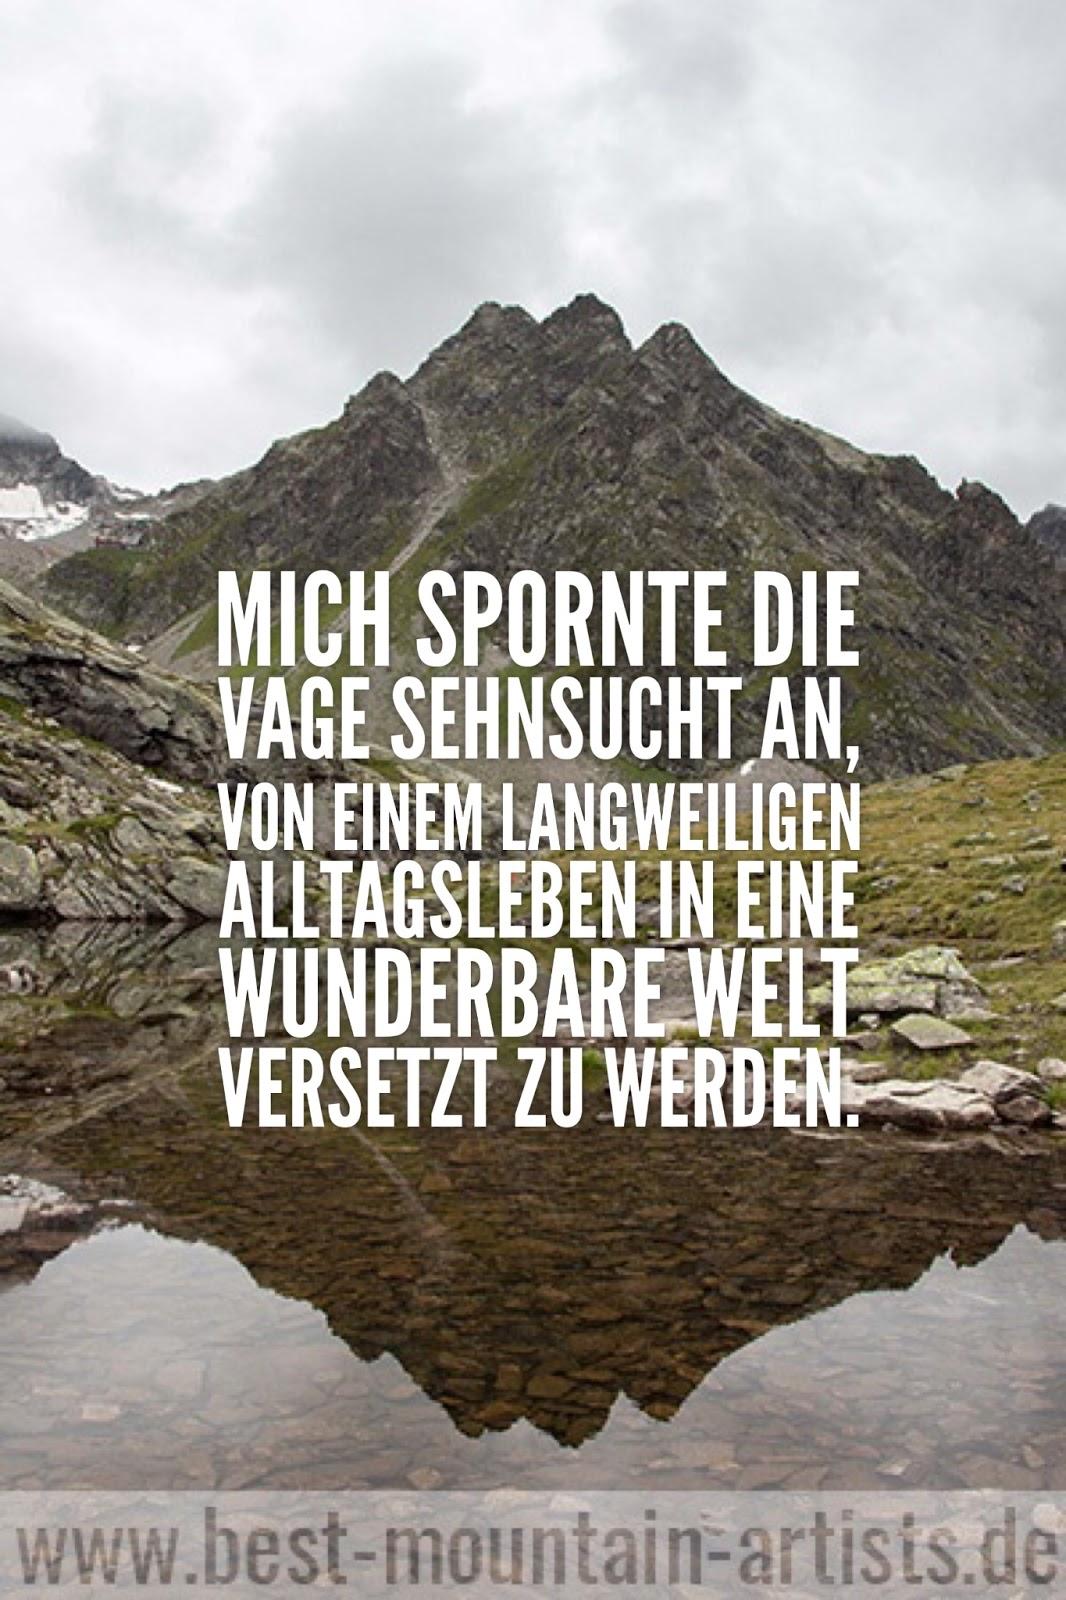 """""""Mich spornte die vage Sehnsucht an, von einem langweiligen Alltagsleben in eine wunderbare Welt versetzt zu werden."""", Alexander von Humboldt"""